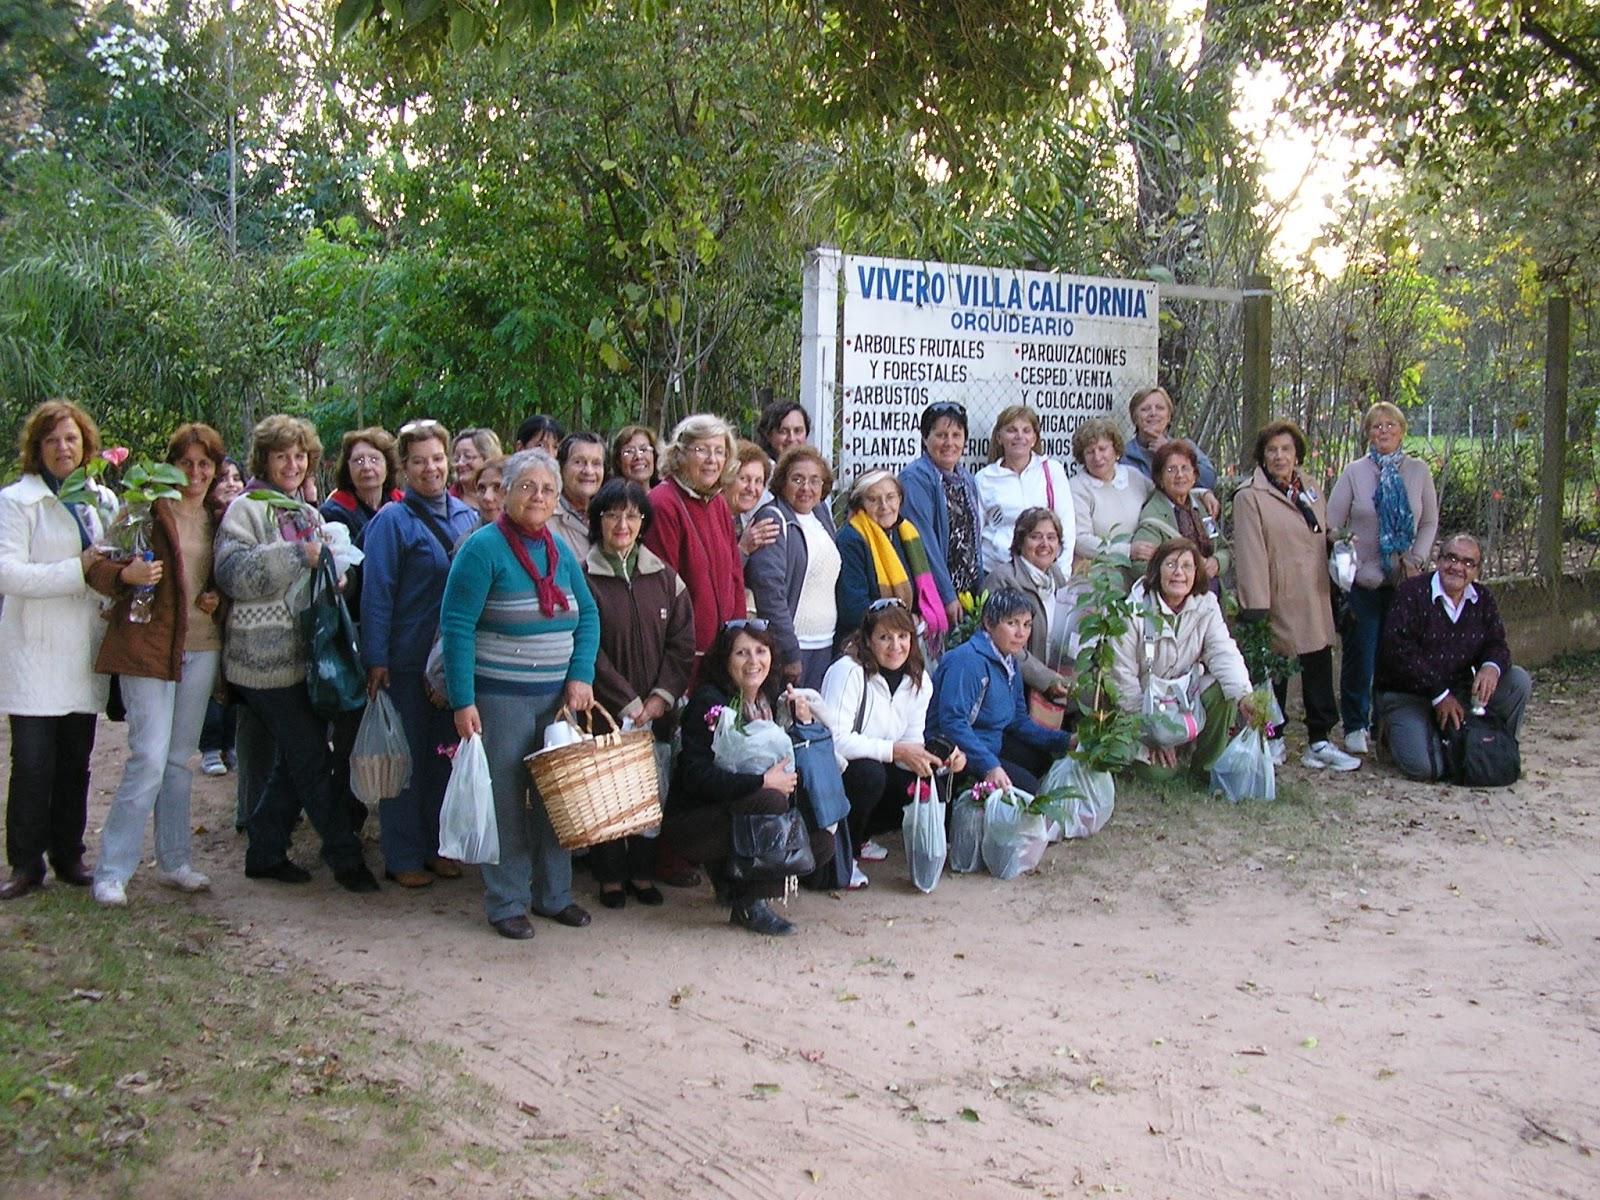 Asociaci n de amigos del jard n santa fe for Amigos del jardin